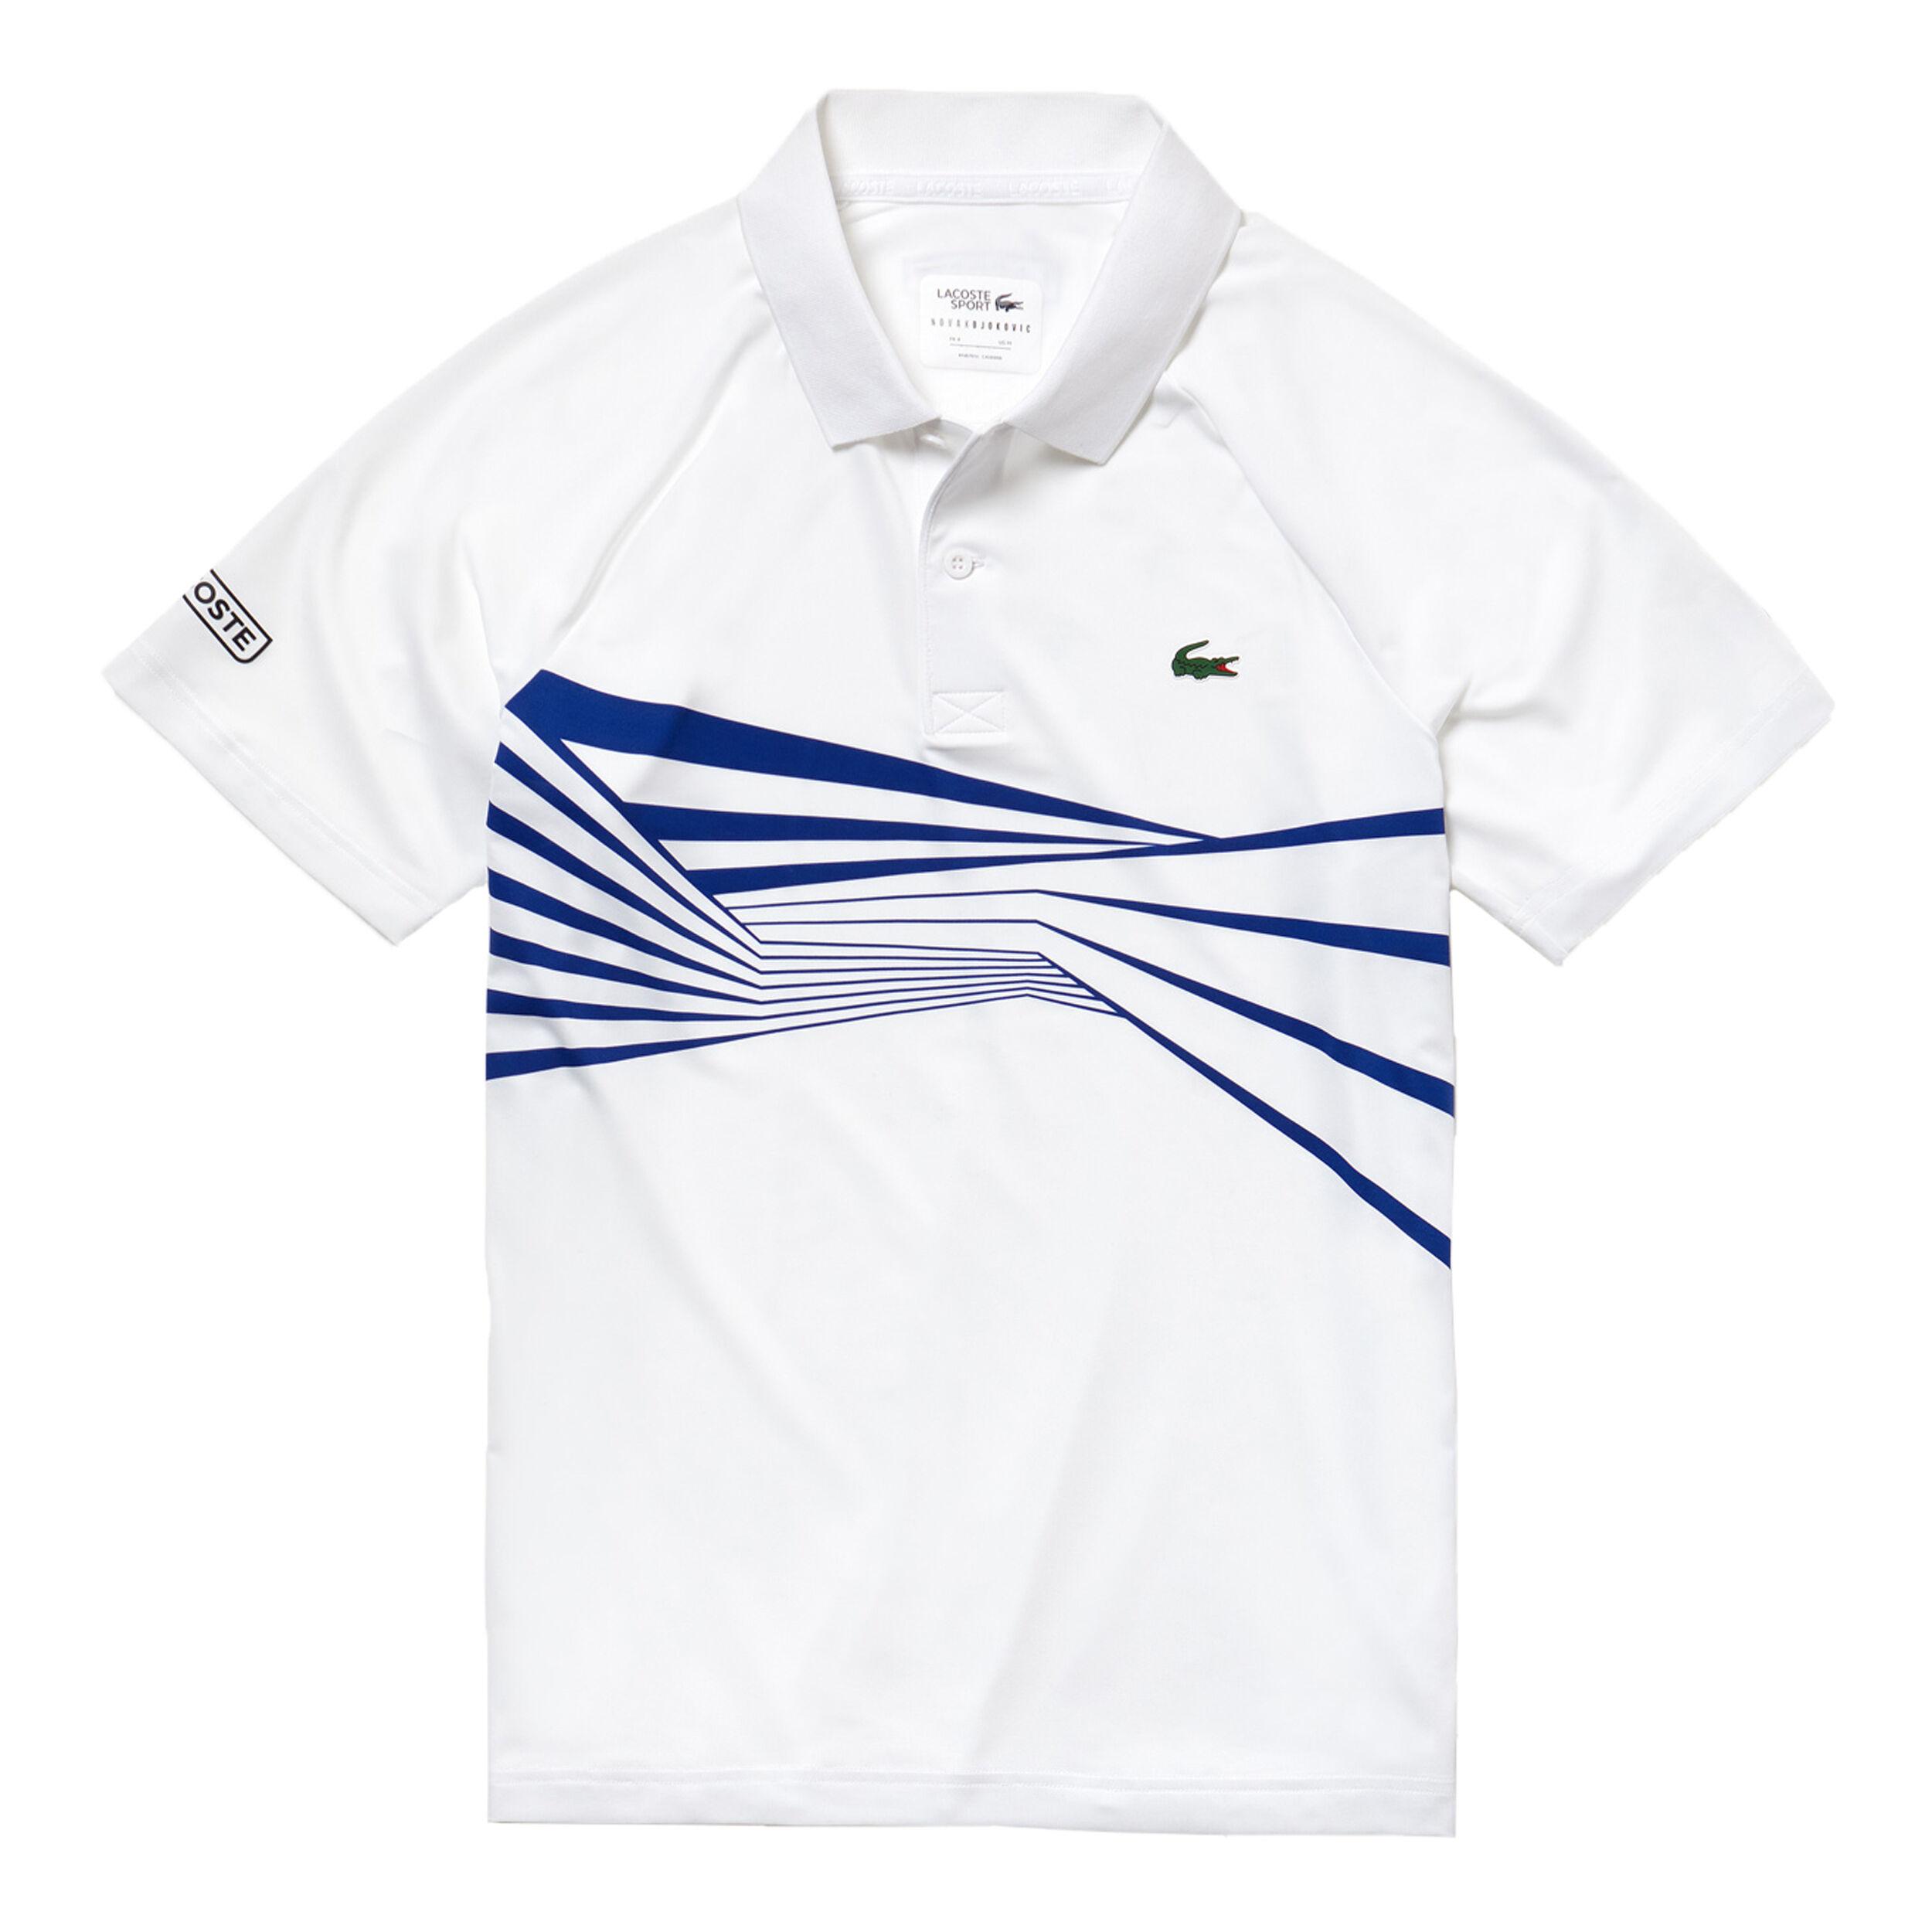 ADIDAS Tennis Poloshirt Herren, weißblau, Größe: M